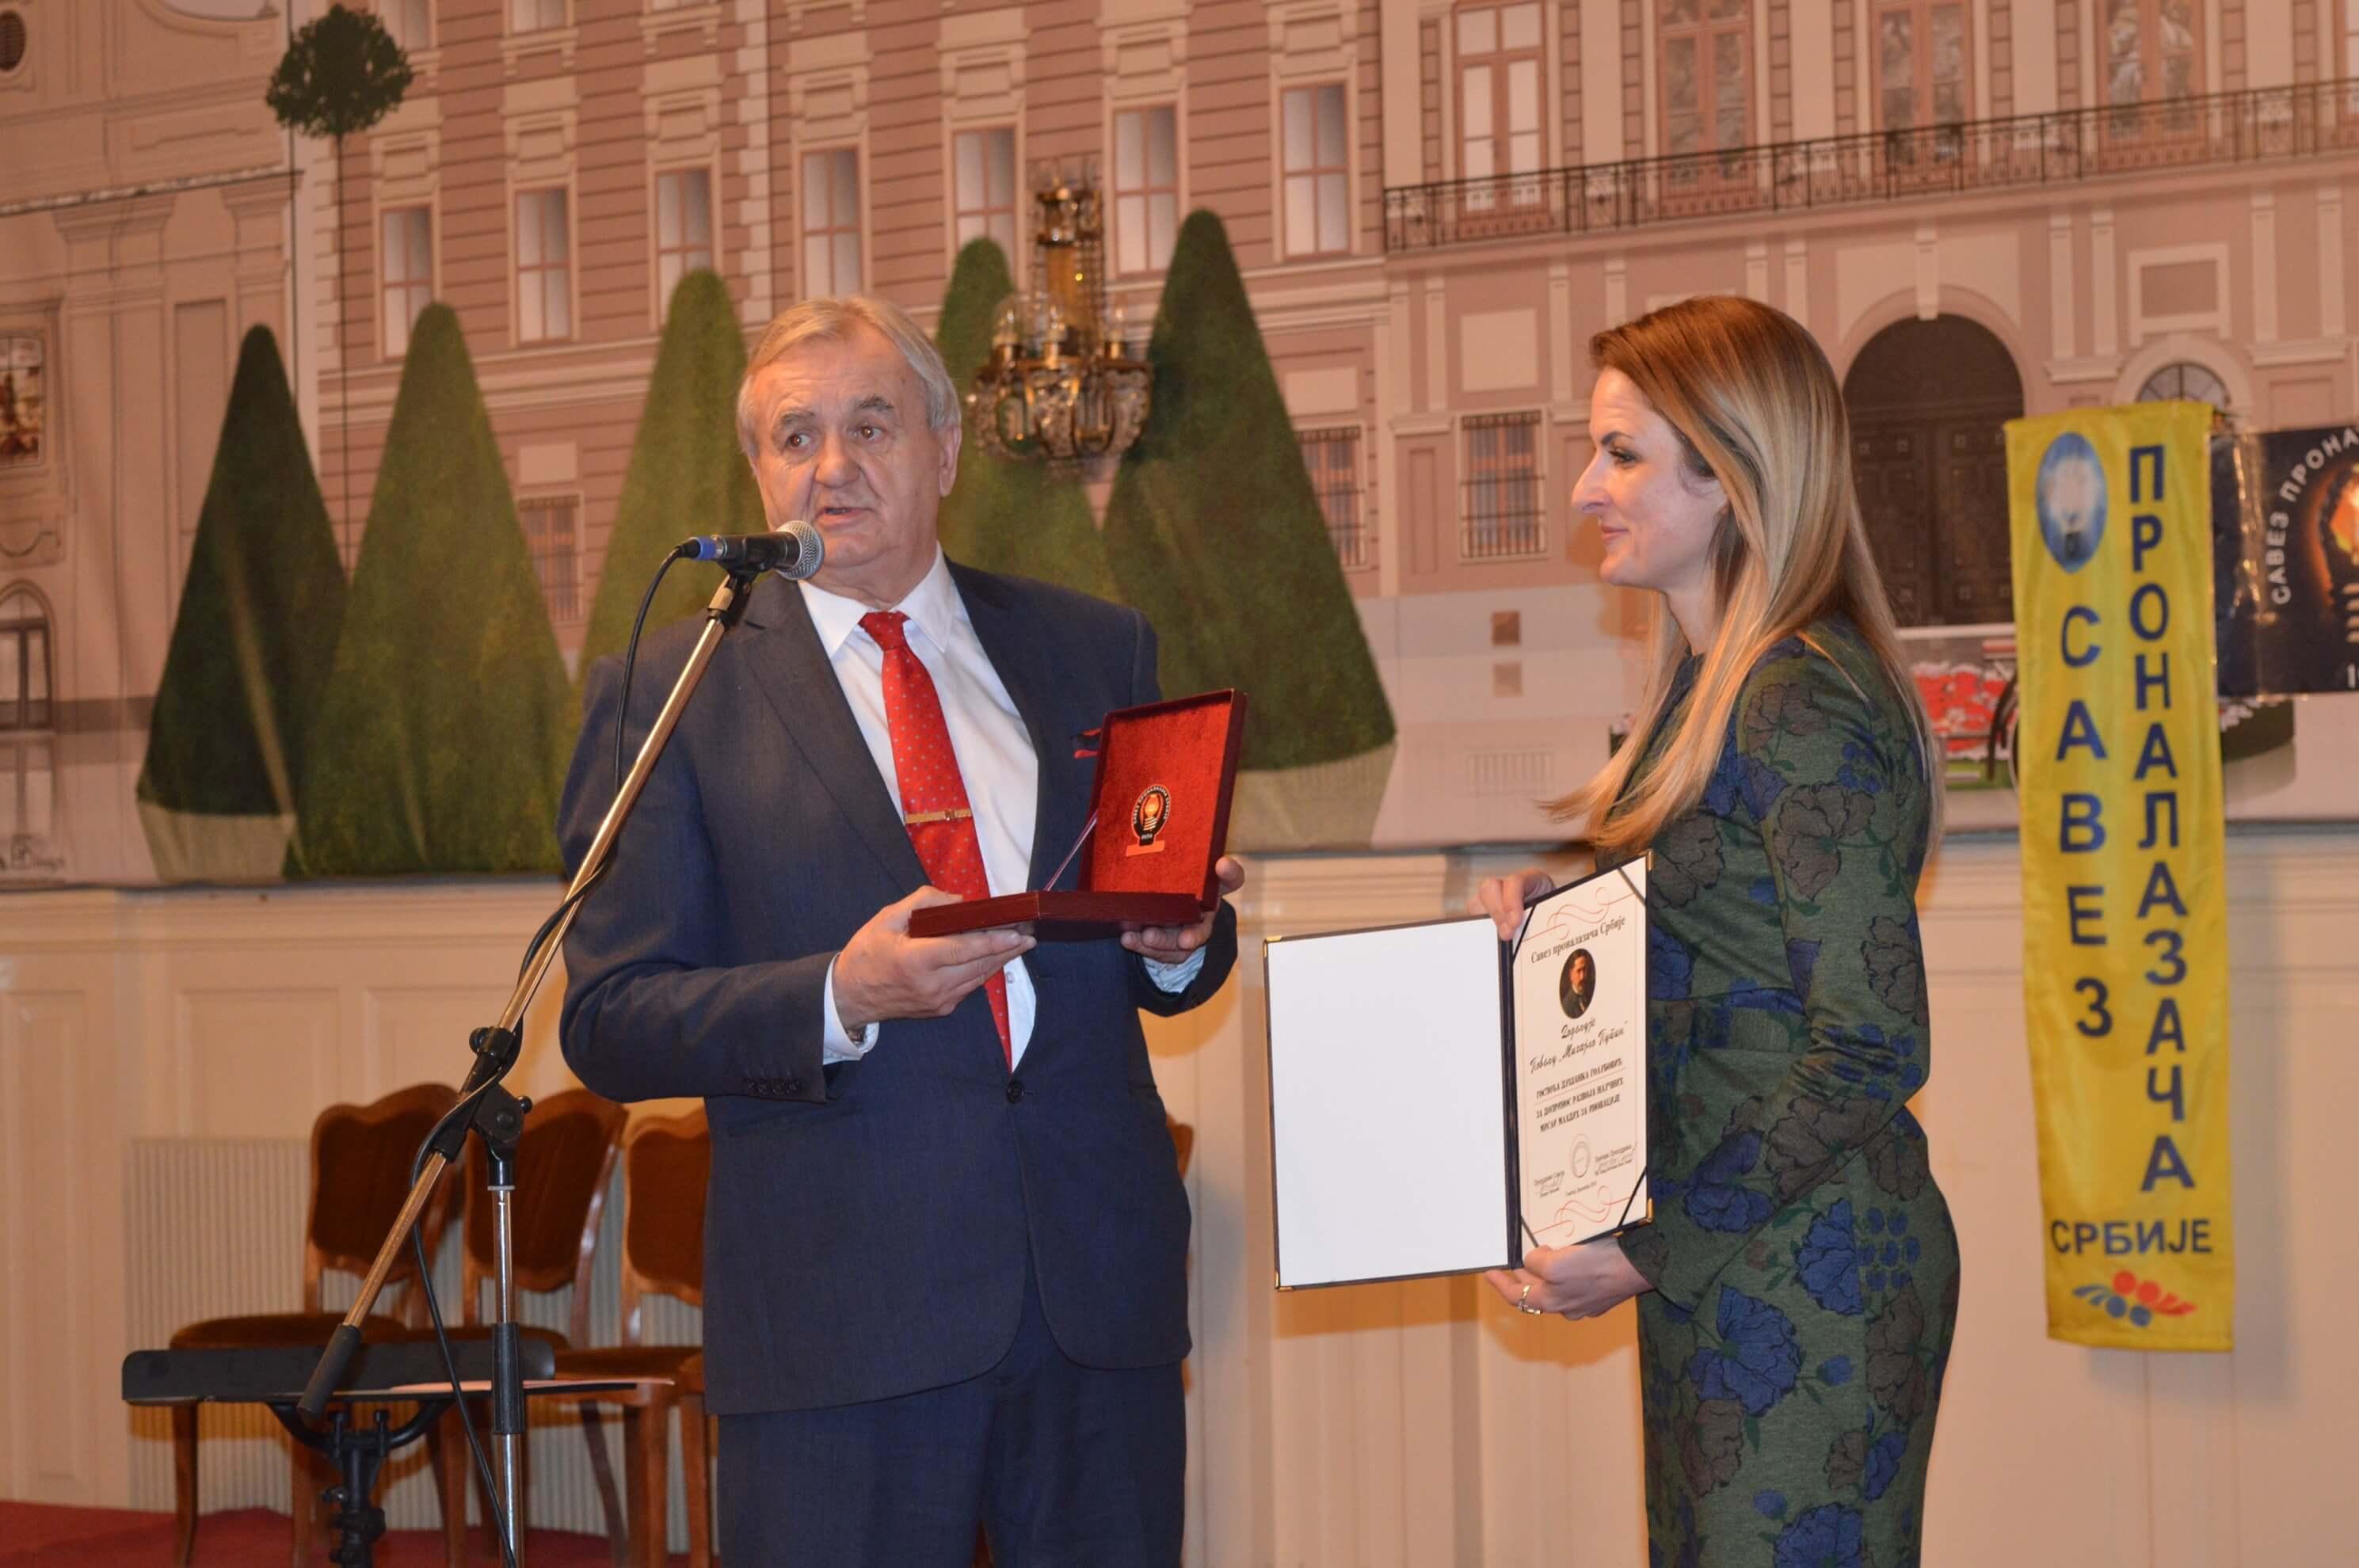 Председник Савеза проналазачаСрбије Слободан Бата Симић уручио је повељу и медаљу градоначелници Сомбора Душанки Голубовић